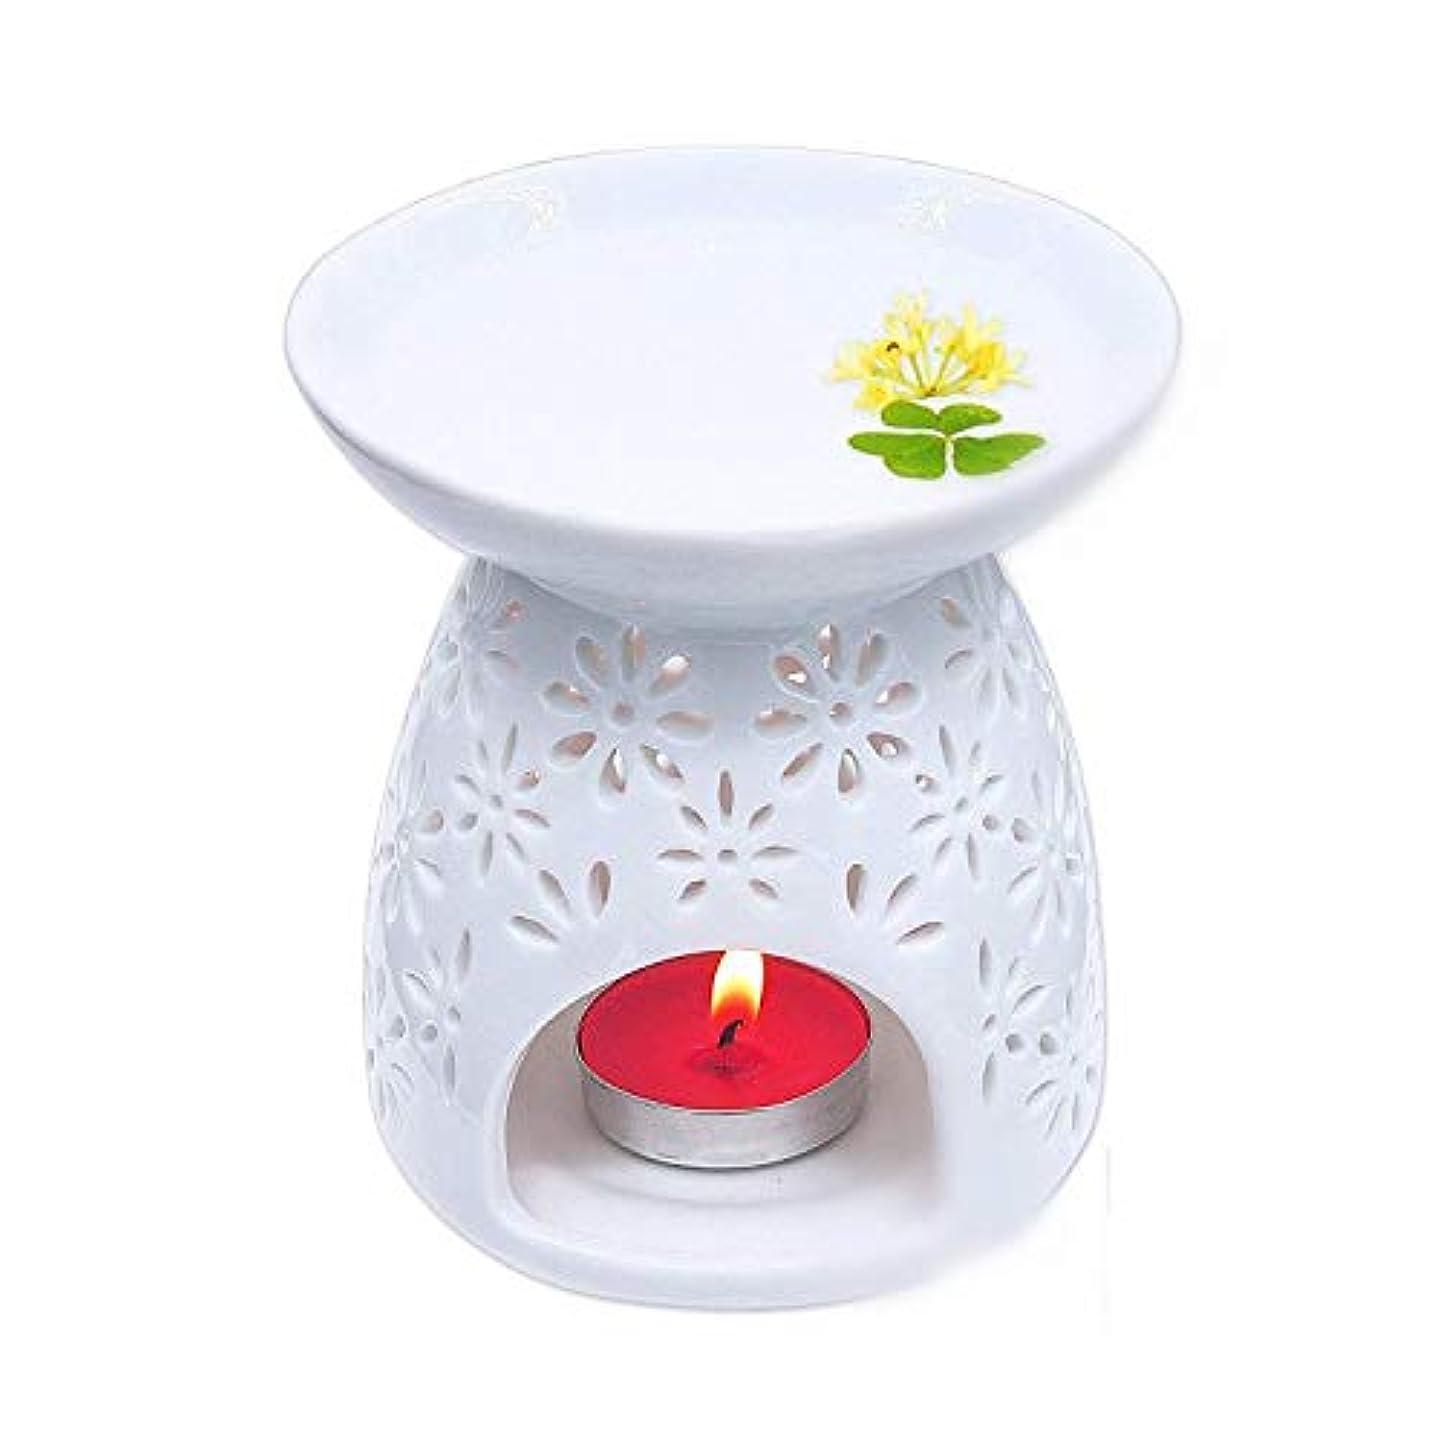 成功上回るソファーPursue 茶香炉 アロマ炉 香炉 陶器 精油 香炉置物 薫香 インテリア アロマディフューザー 中空の彫刻工 消臭と癒し おしゃれ